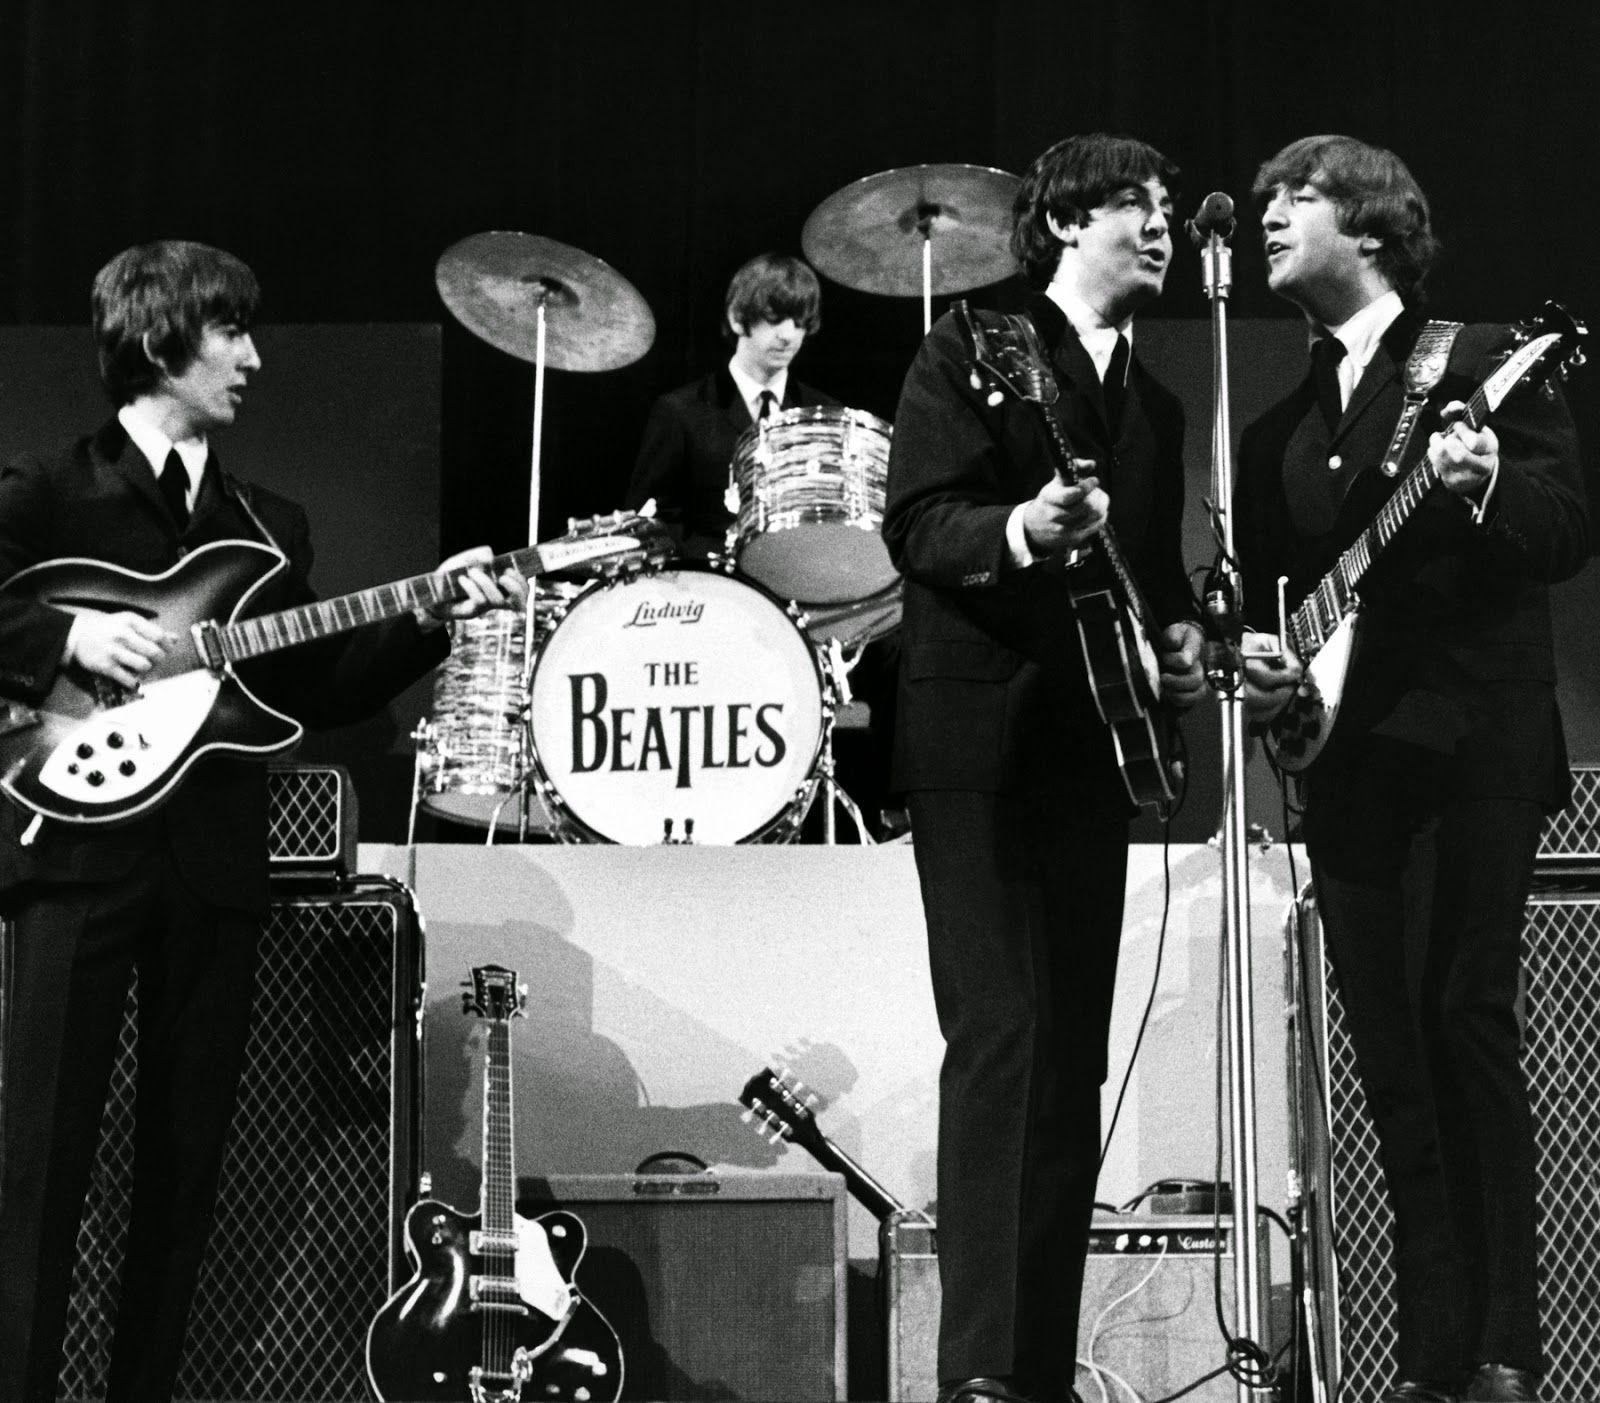 September 8, 1964